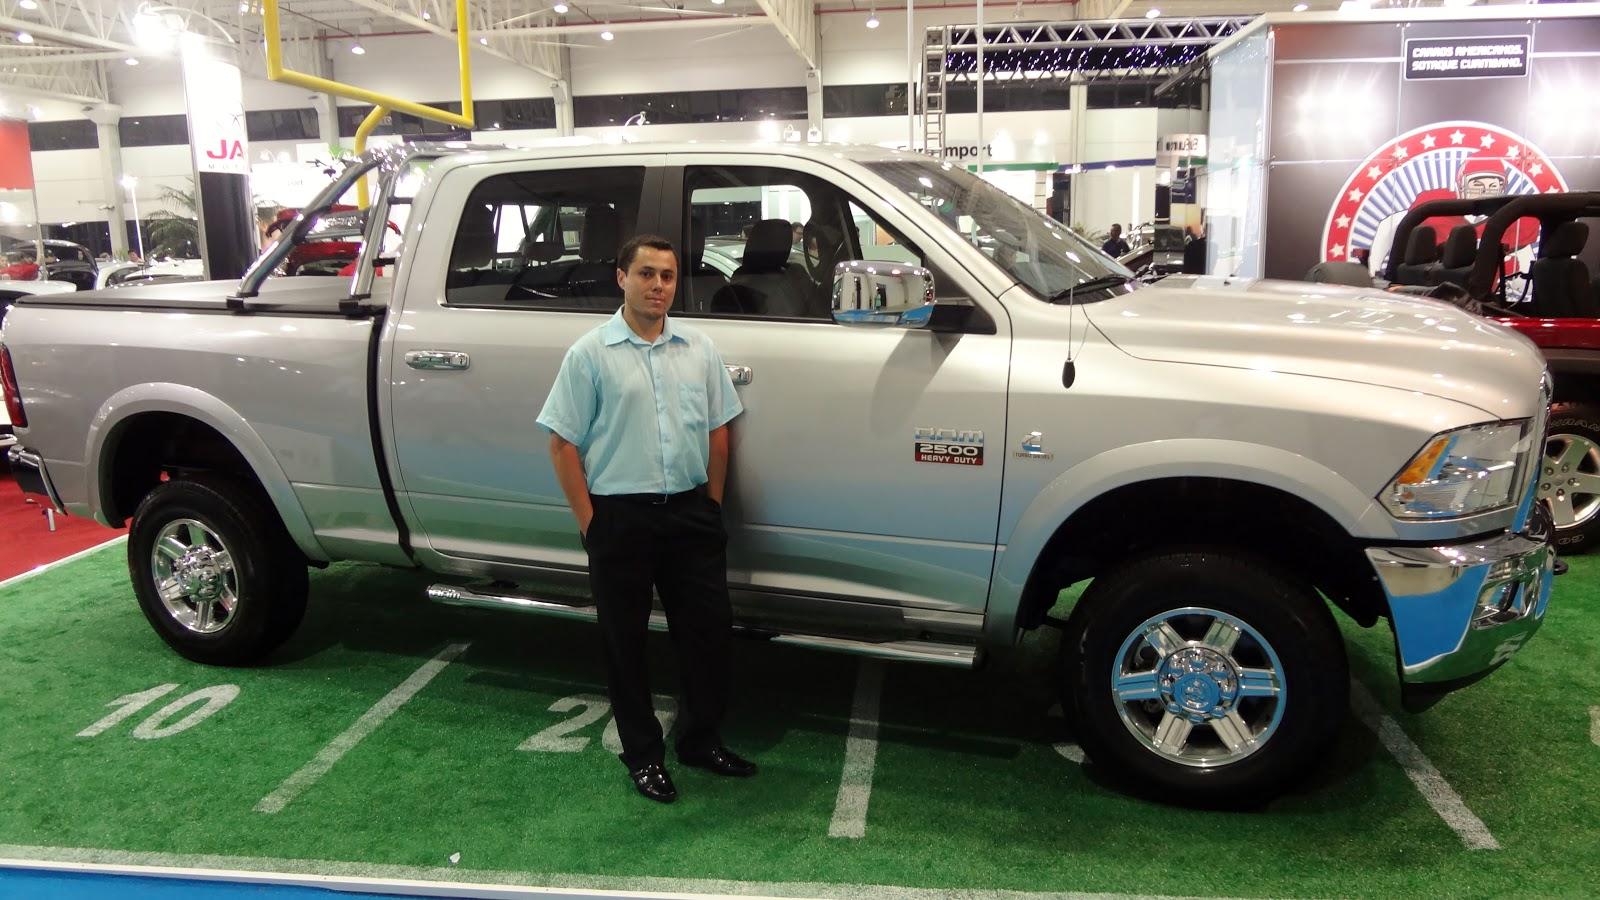 http://2.bp.blogspot.com/-e3EeS-oiAic/UL6Ywfha-LI/AAAAAAAAjyQ/YKKCrcRIR5A/s1600/Ram+2500+Heavy+Duty.JPG